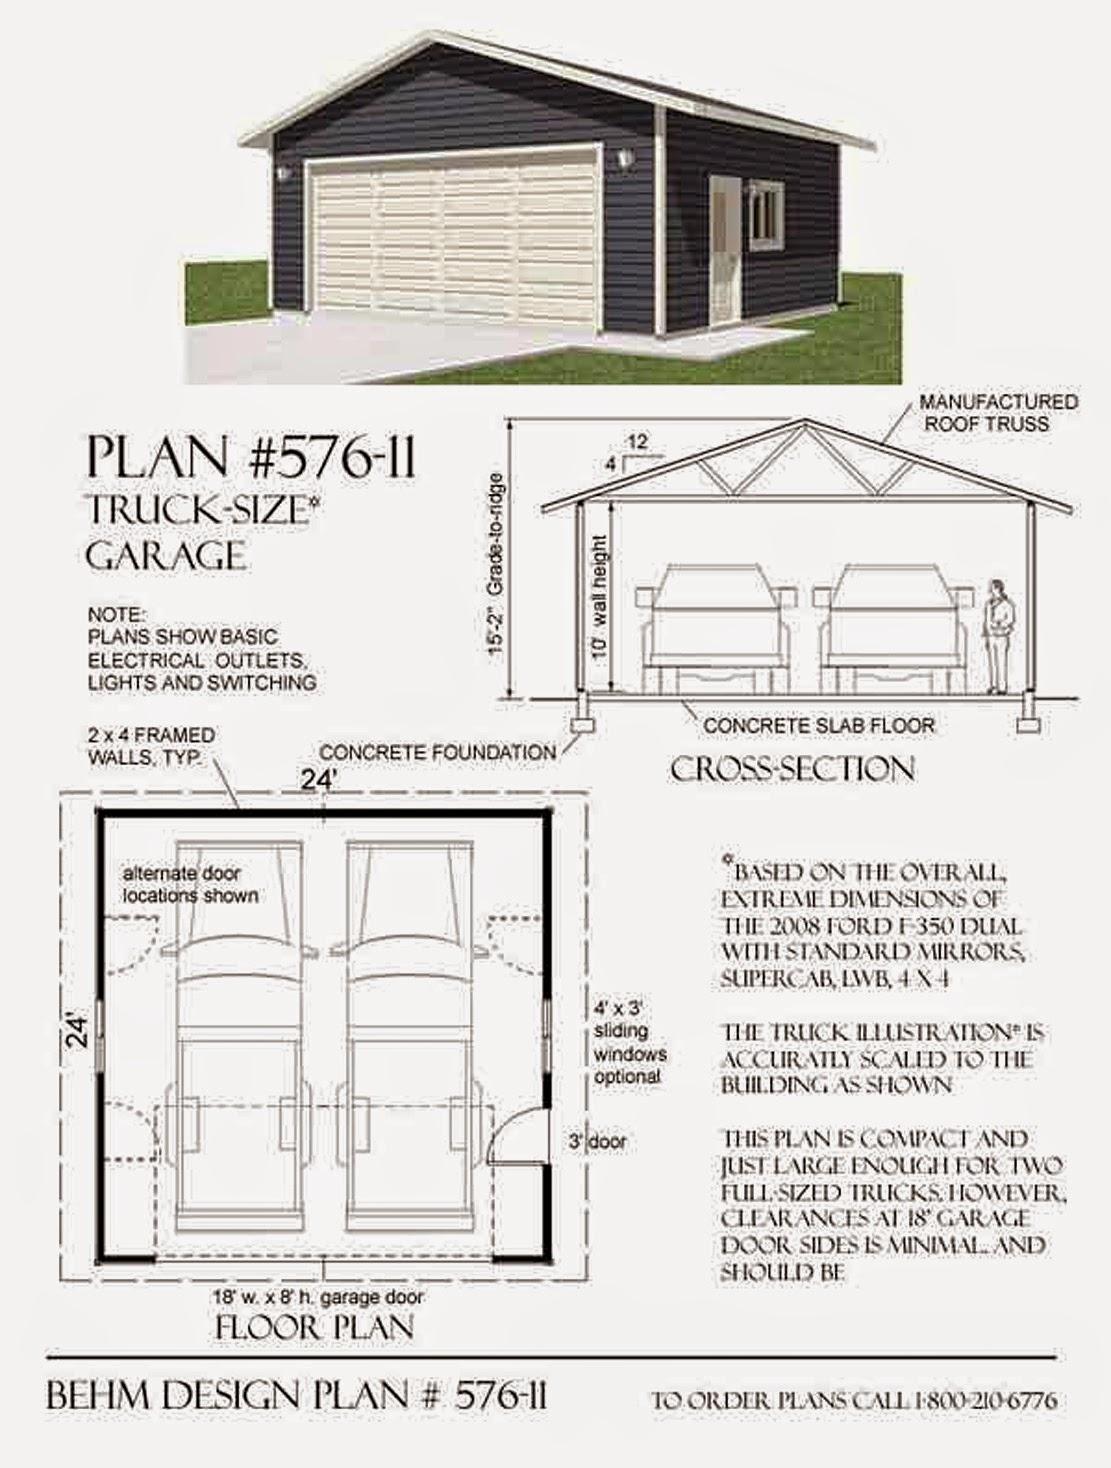 Garage Plans Blog Behm Design Garage Plan Examples Plan 57611 – Basic Garage Plans